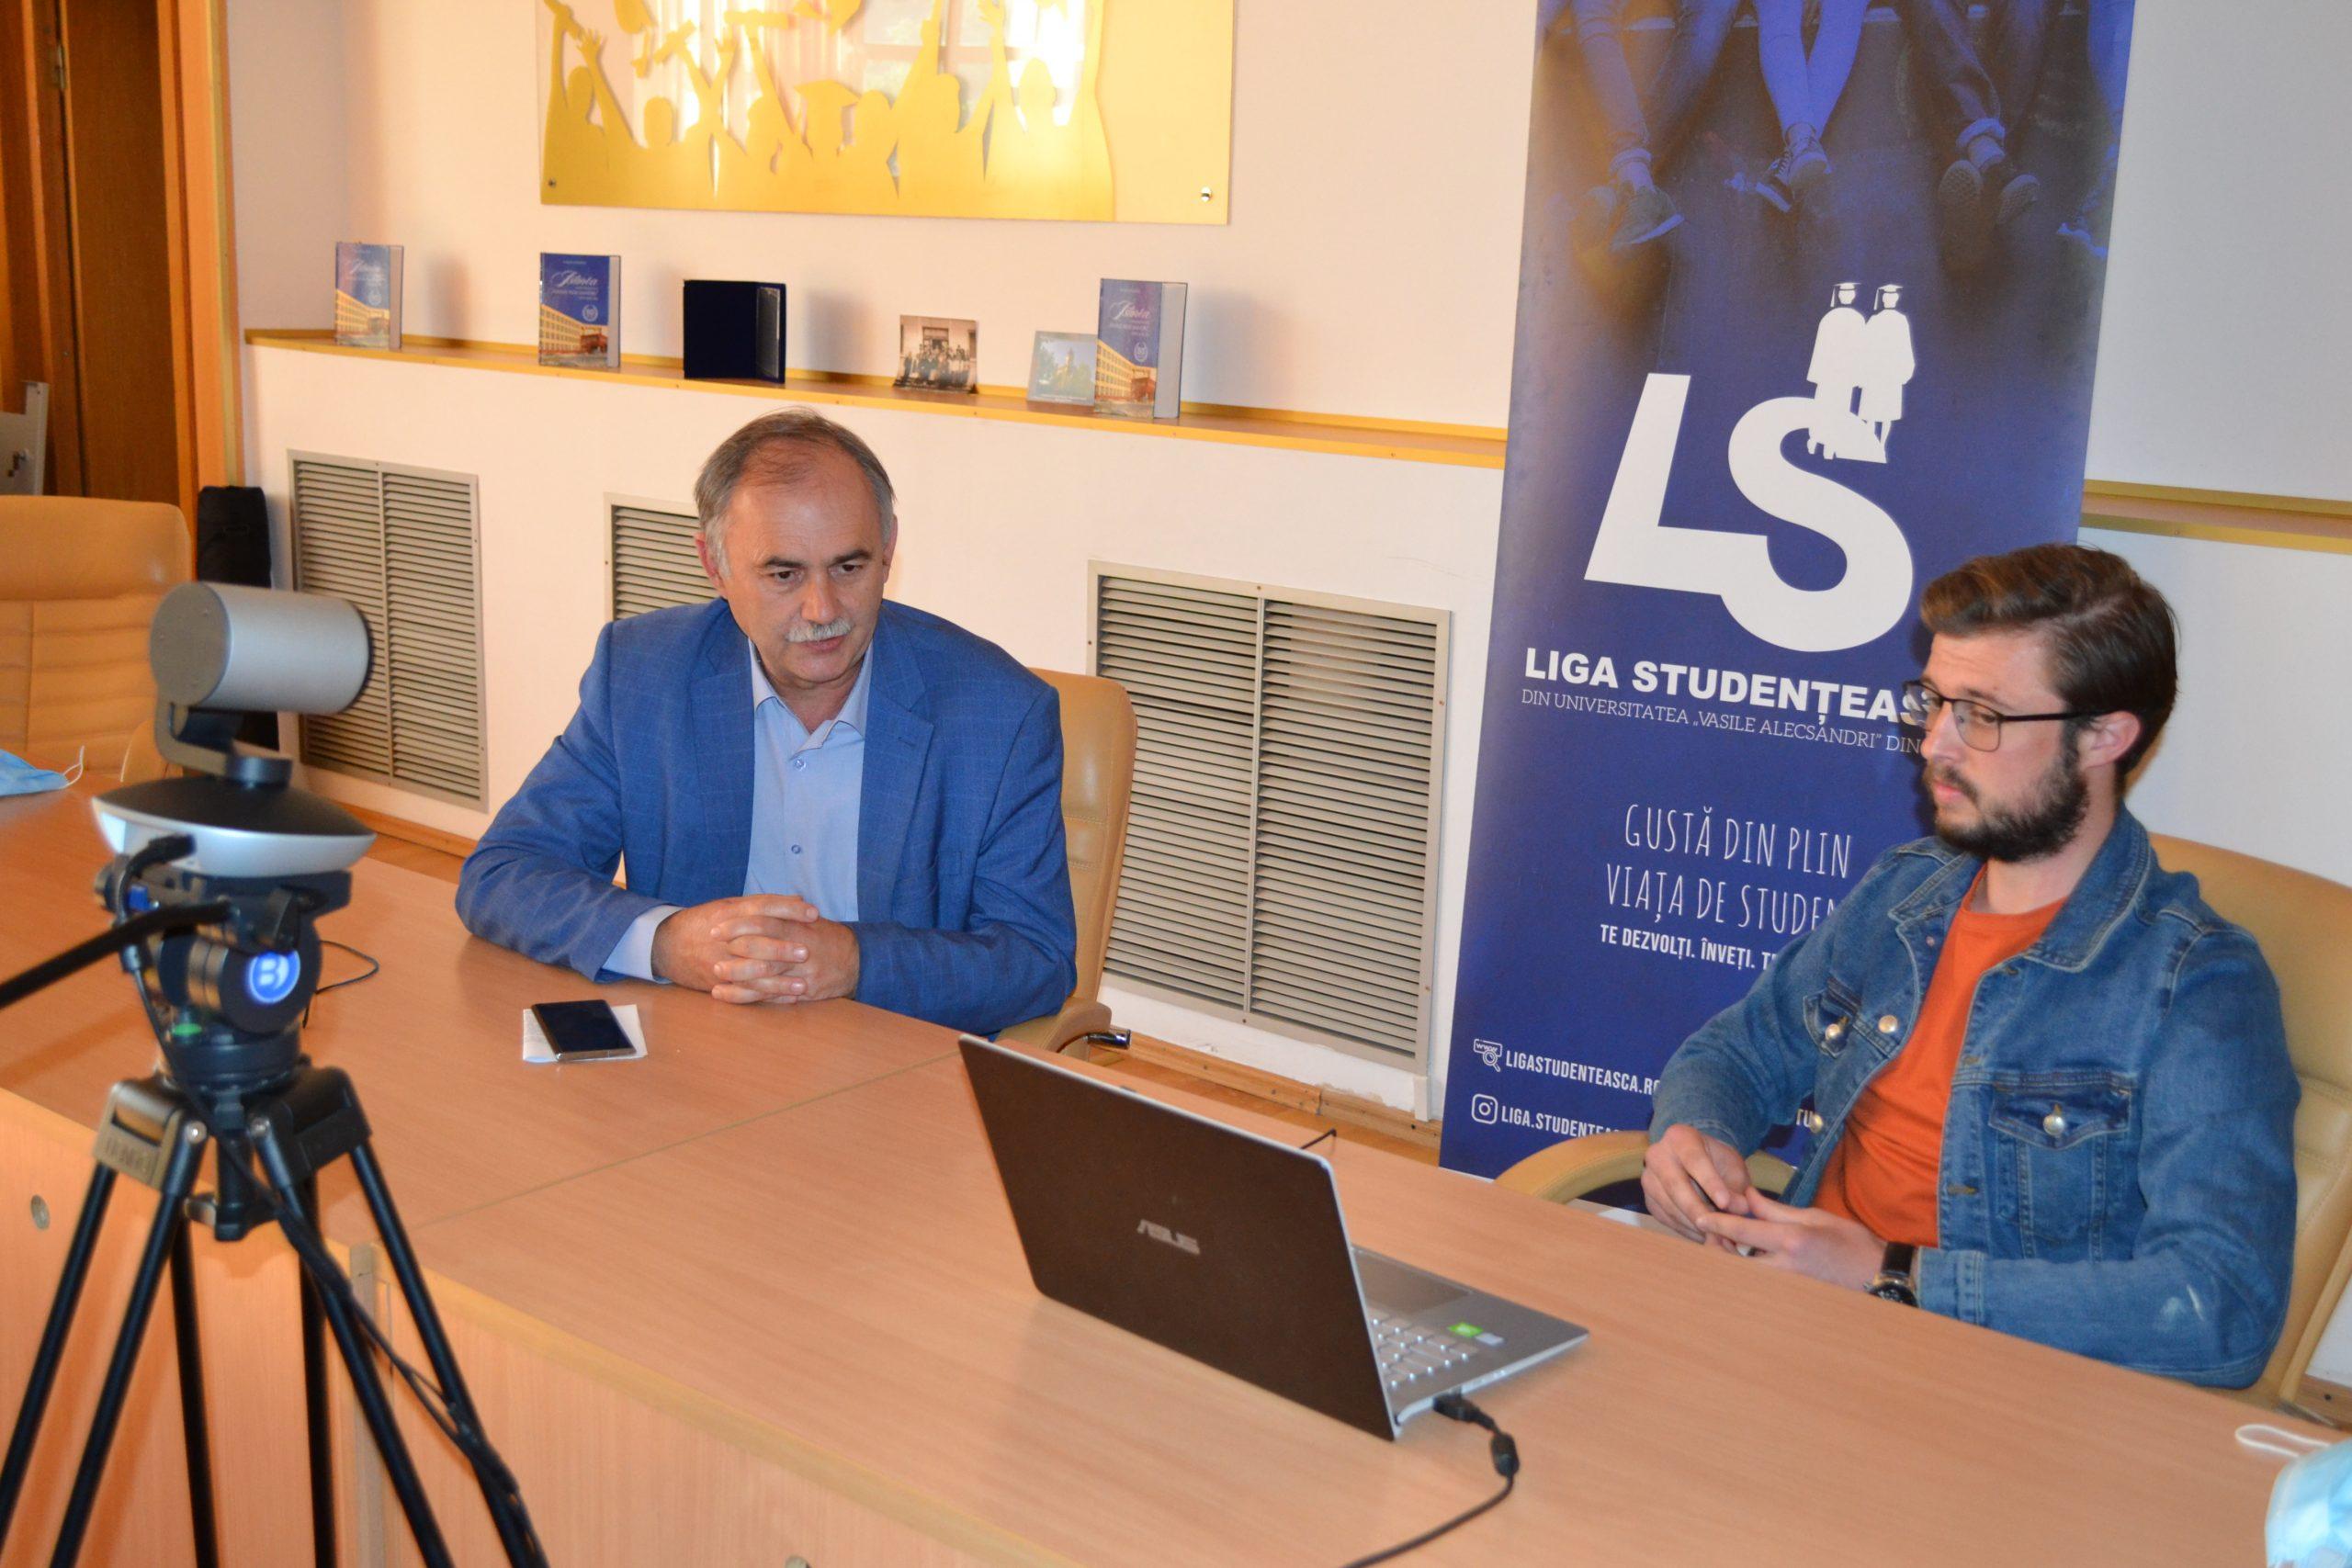 """Liga Studențească a organizat o sesiune de întrebări în direct cu Rectorul Universității """"Vasile Alecsandri"""" din Bacău"""